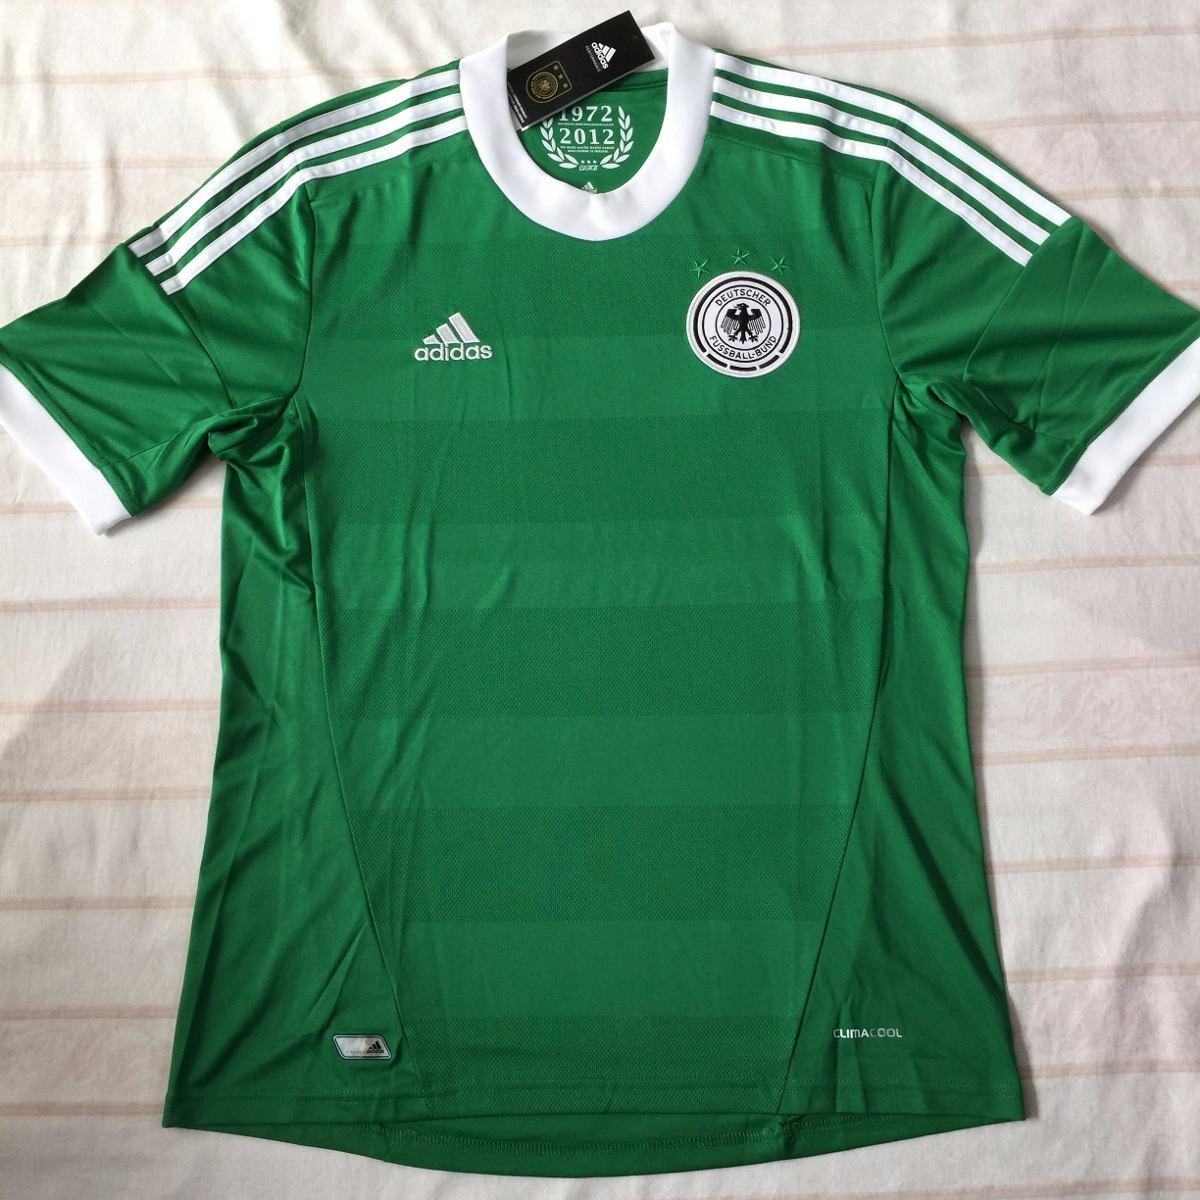 242f57a83c x21412 camisa adidas alemanha away 12 13 m verde fn1608. Carregando zoom.